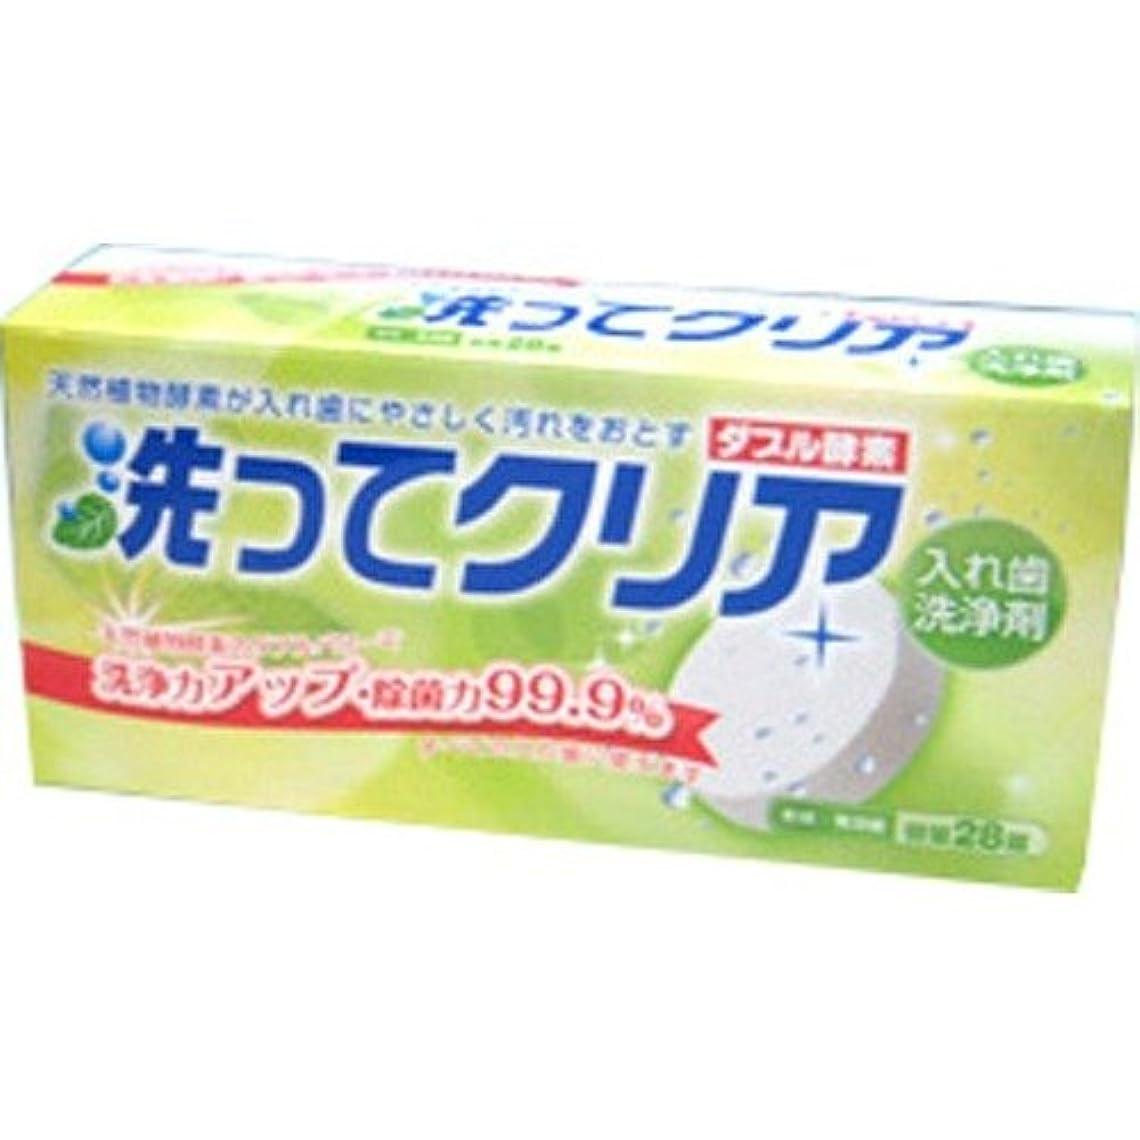 勇気のある口ガロン東伸洋行株式会社 洗ってクリア ダブル酵素 28錠 入れ歯洗浄剤